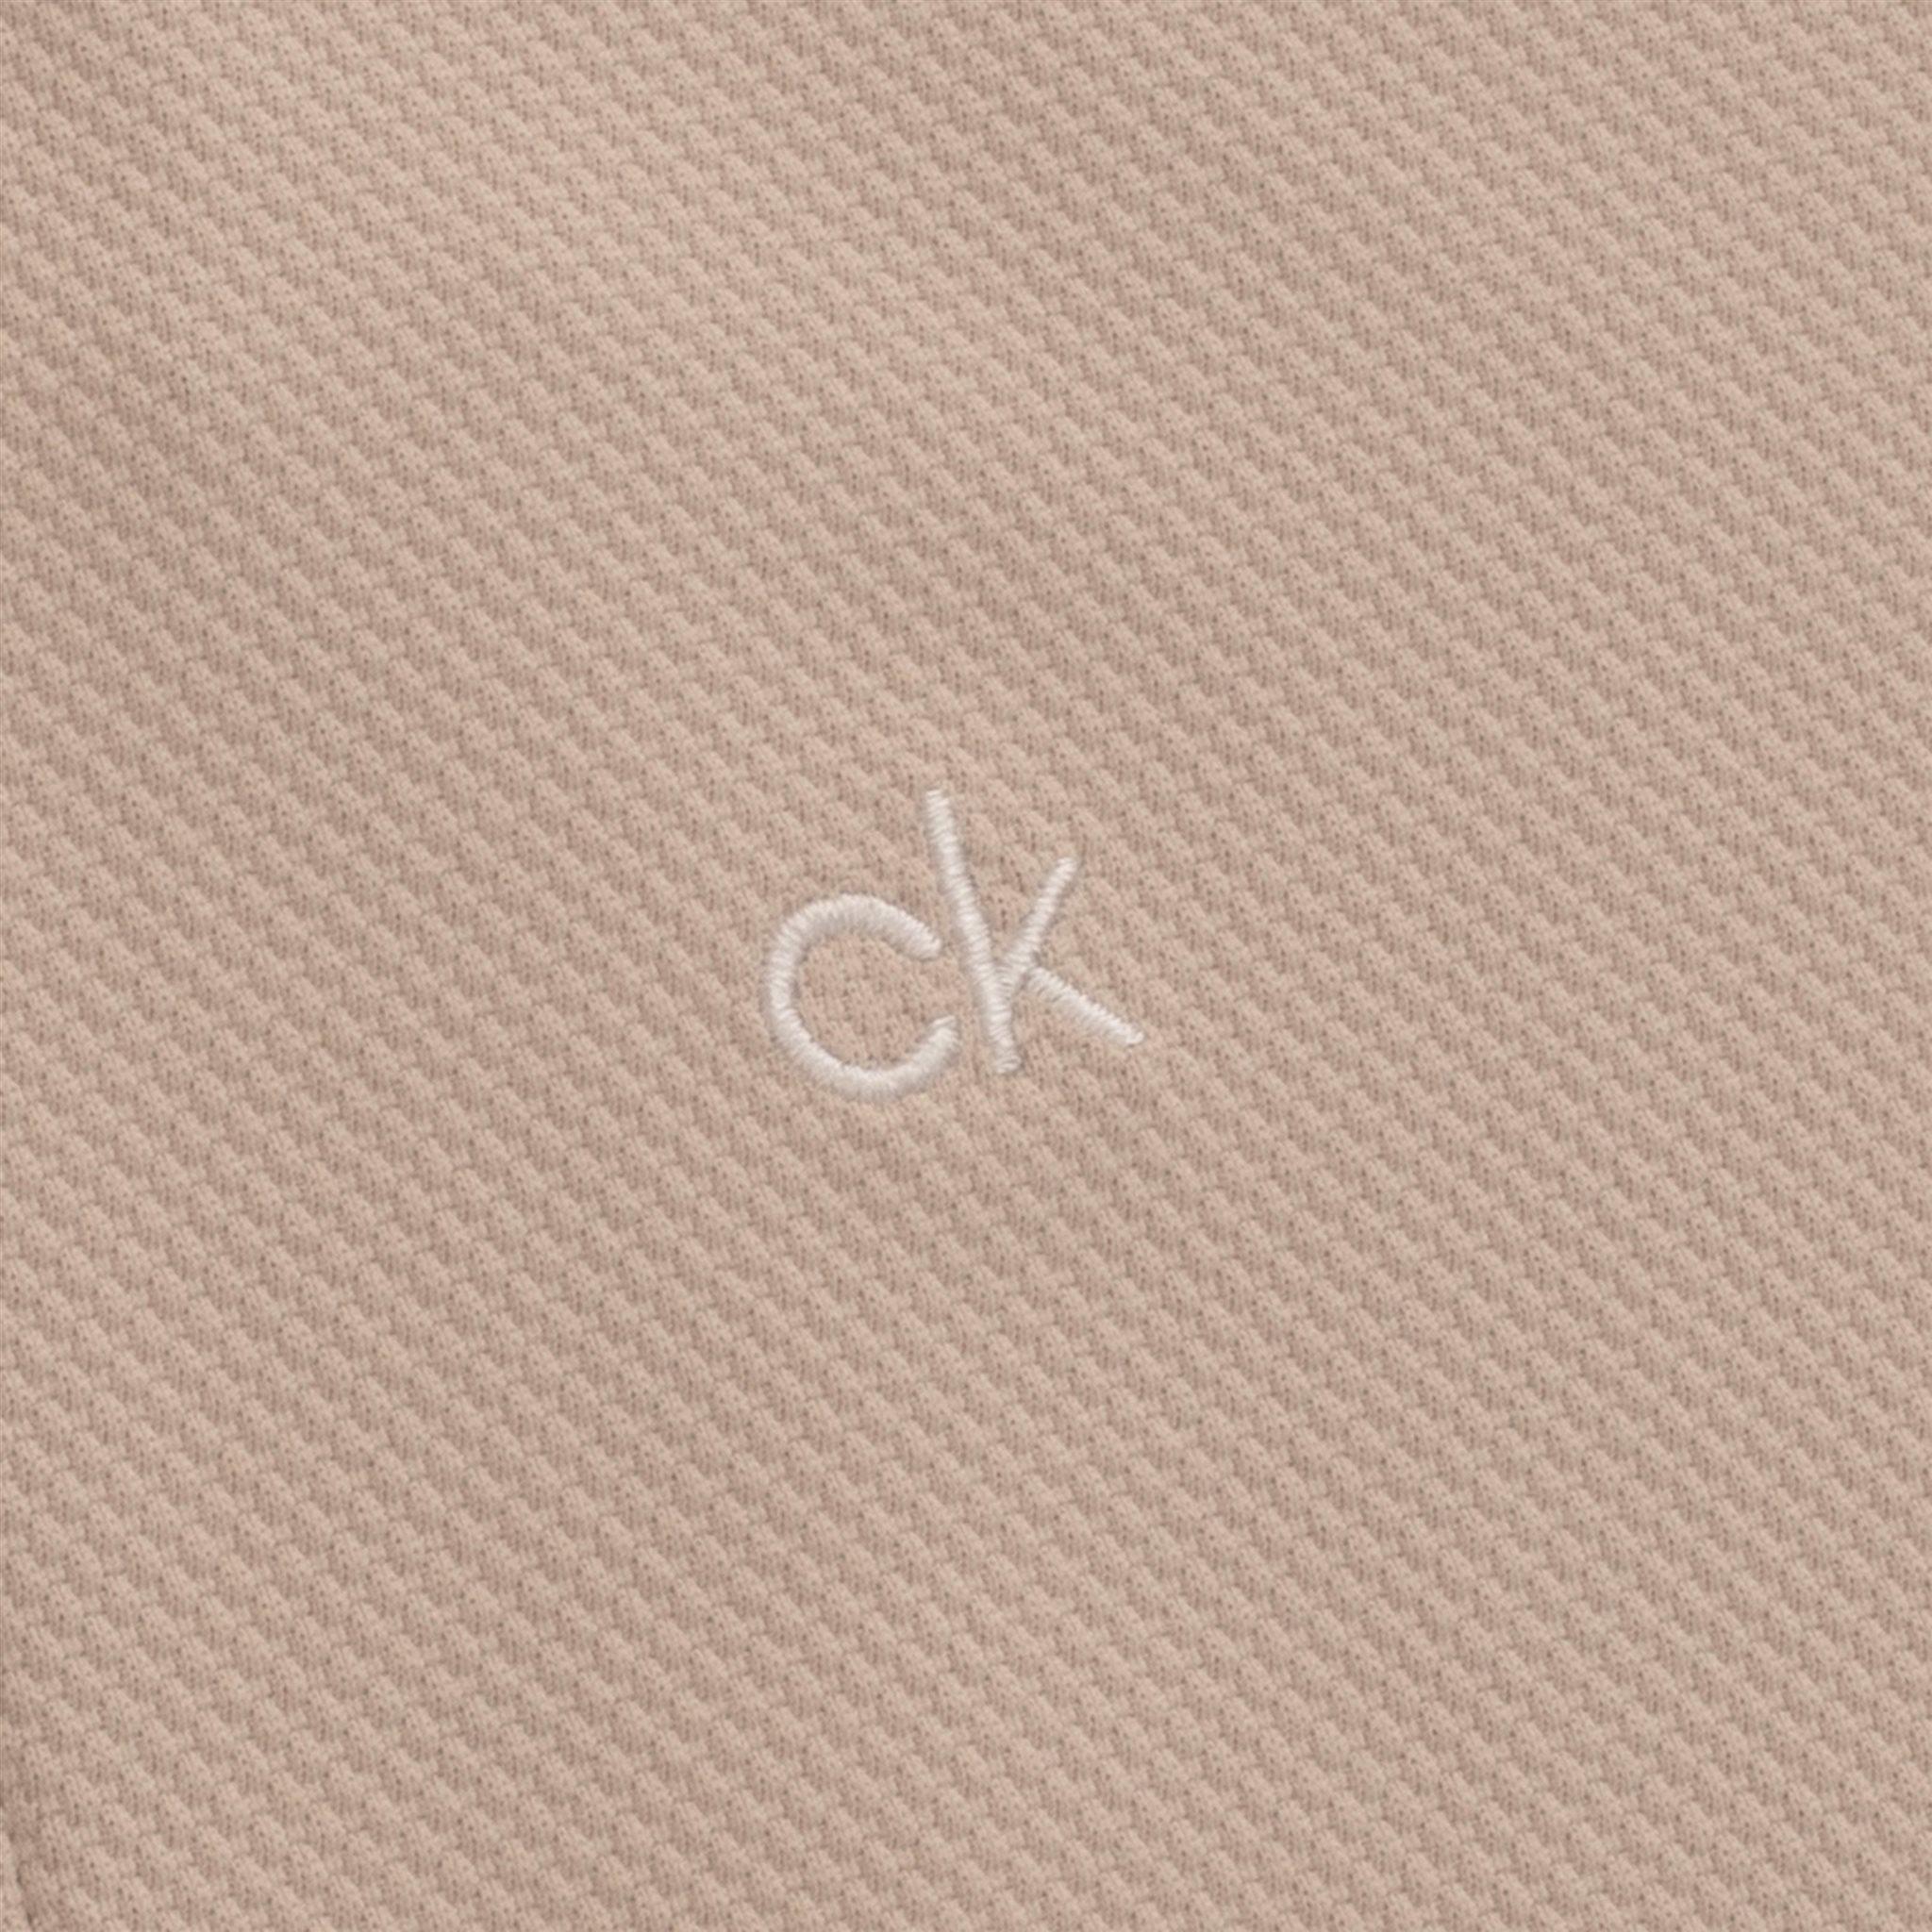 Calvin Klein dames golfpolo cap mouw Ness zand